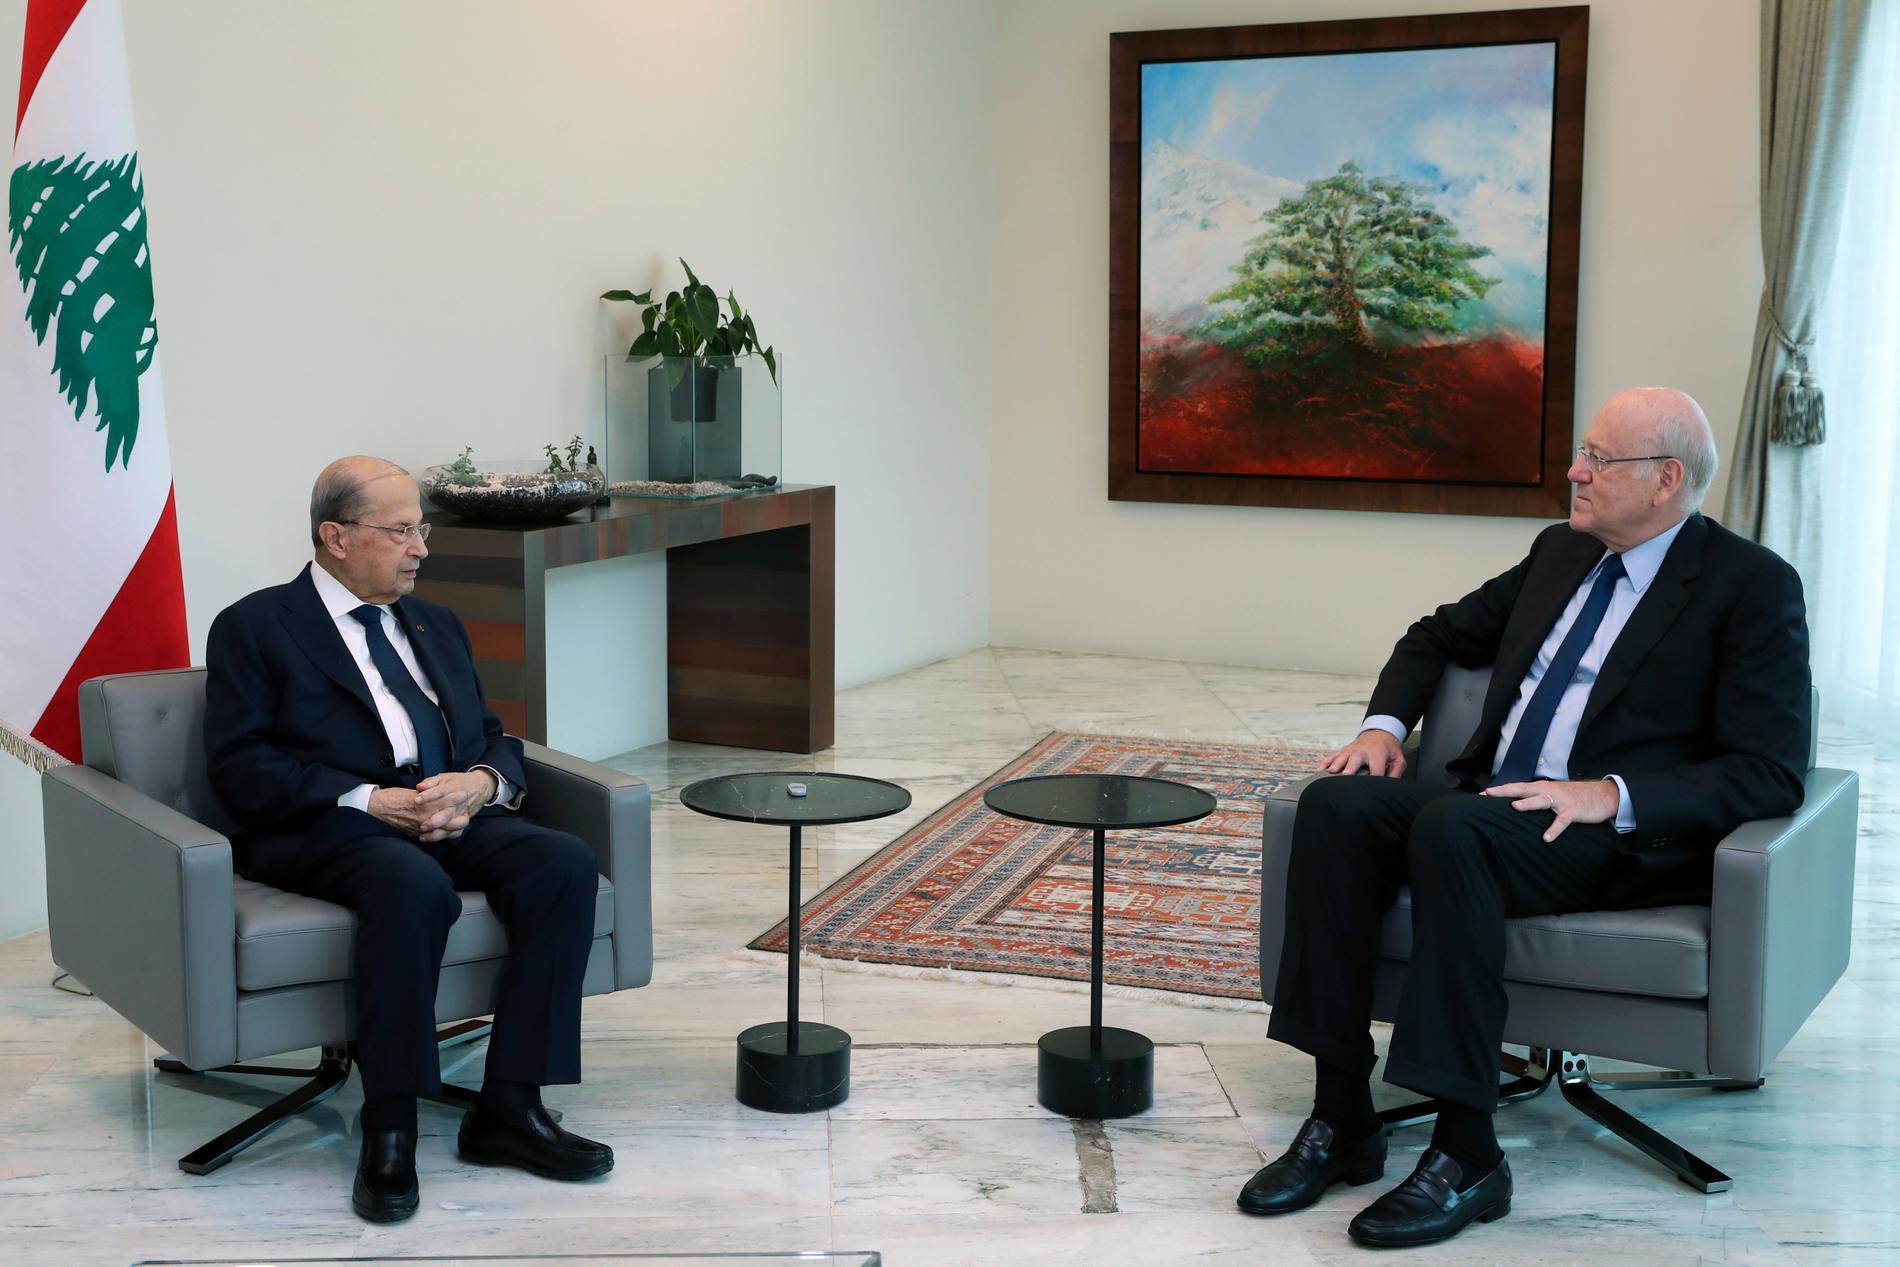 Libanons nya tillförordnade premiärminister Najib Mikati (till höger i bild) under dagens samtal med president Michel Aoun.